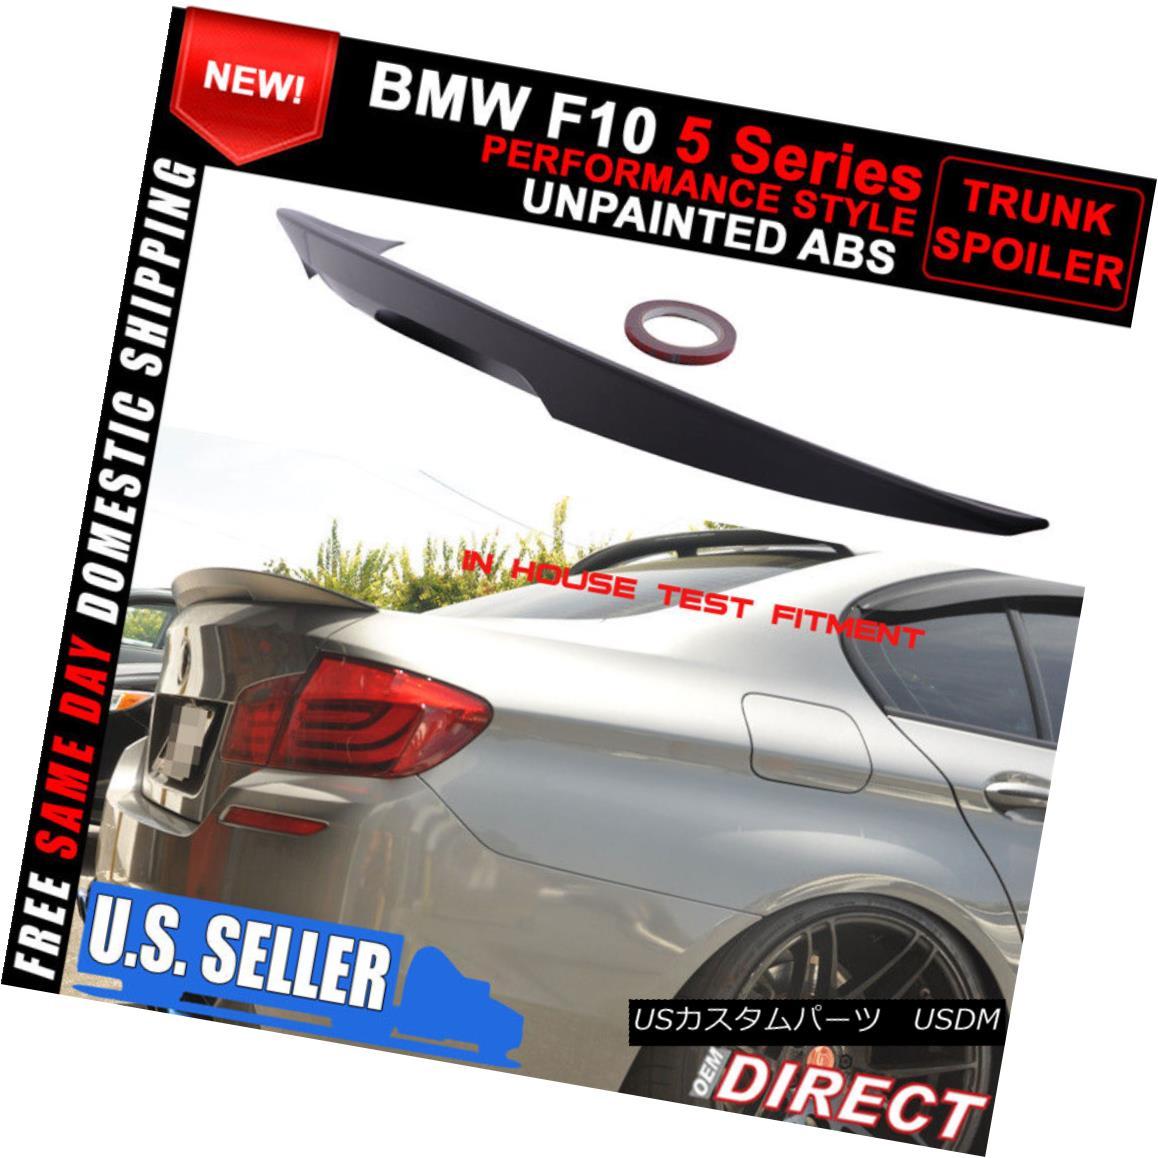 エアロパーツ 11-16 BMW 5 Series F10 4Dr 4Door Unpainted ABS Performance2 Trunk Spoiler 11-16 BMW 5シリーズF10 4Dr 4ドア無塗装ABSパフォーマンス2トランク・スポイラー